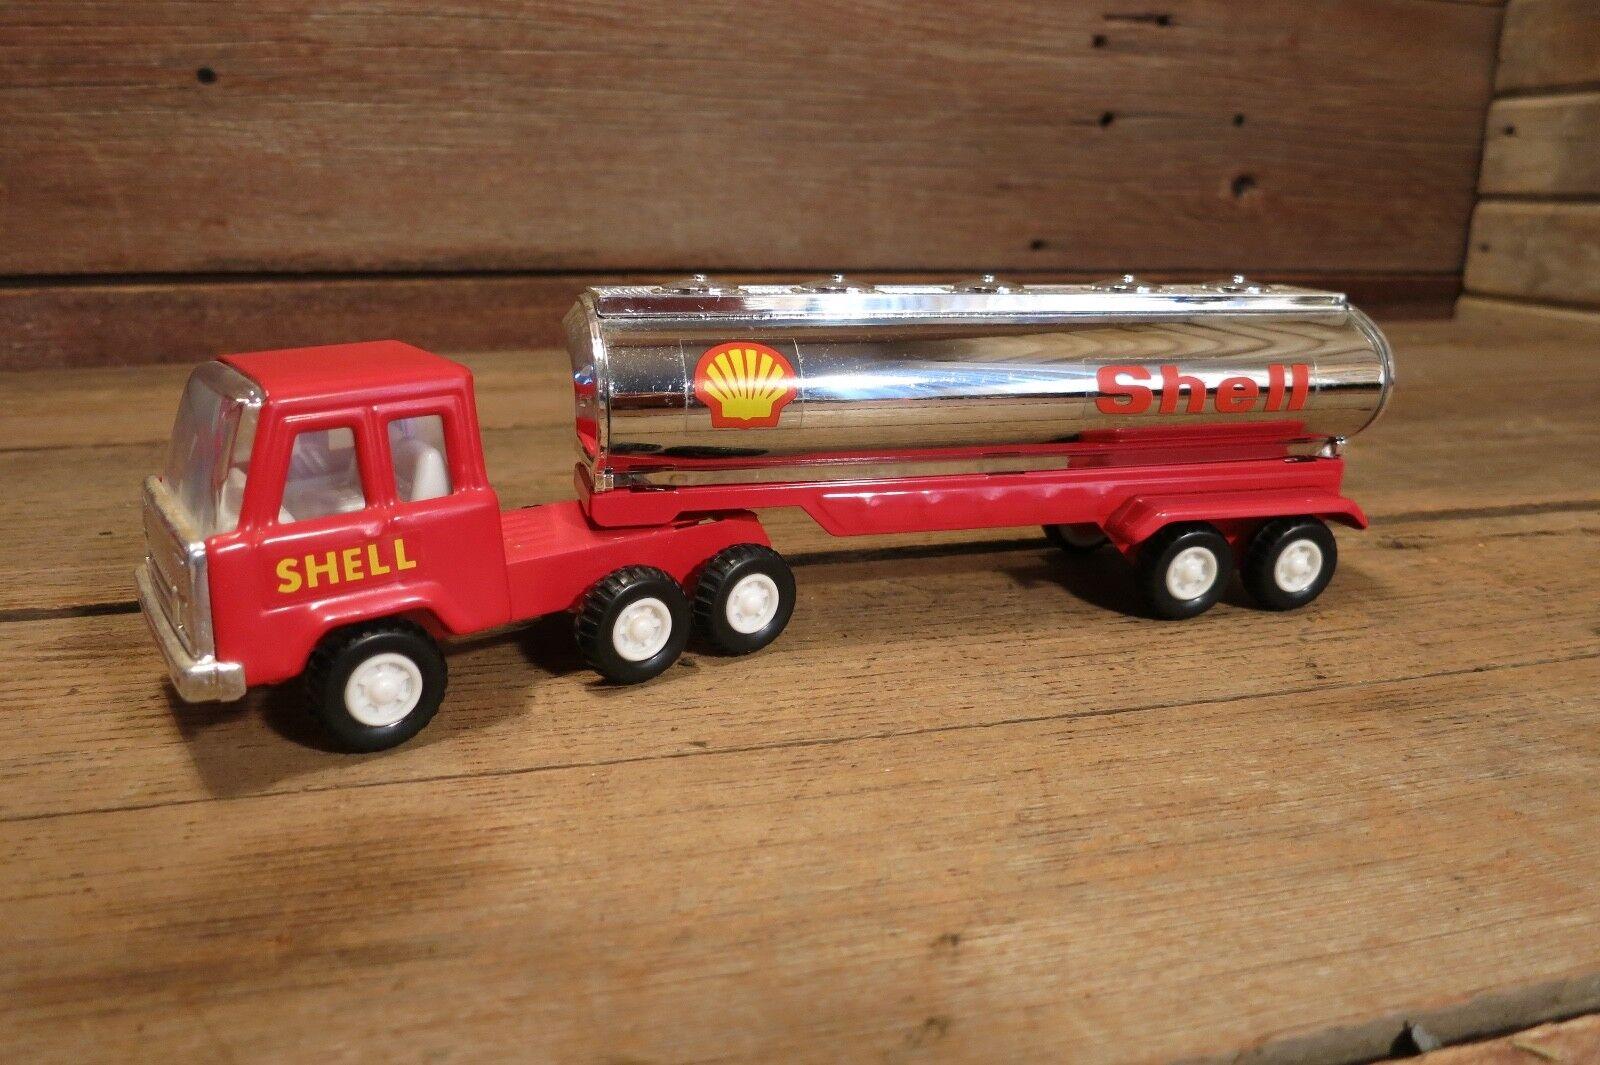 buena calidad Vintage rojo Cromo Cromo Cromo Shell petrolero camión semi-acero prensado en gran condición.  costo real